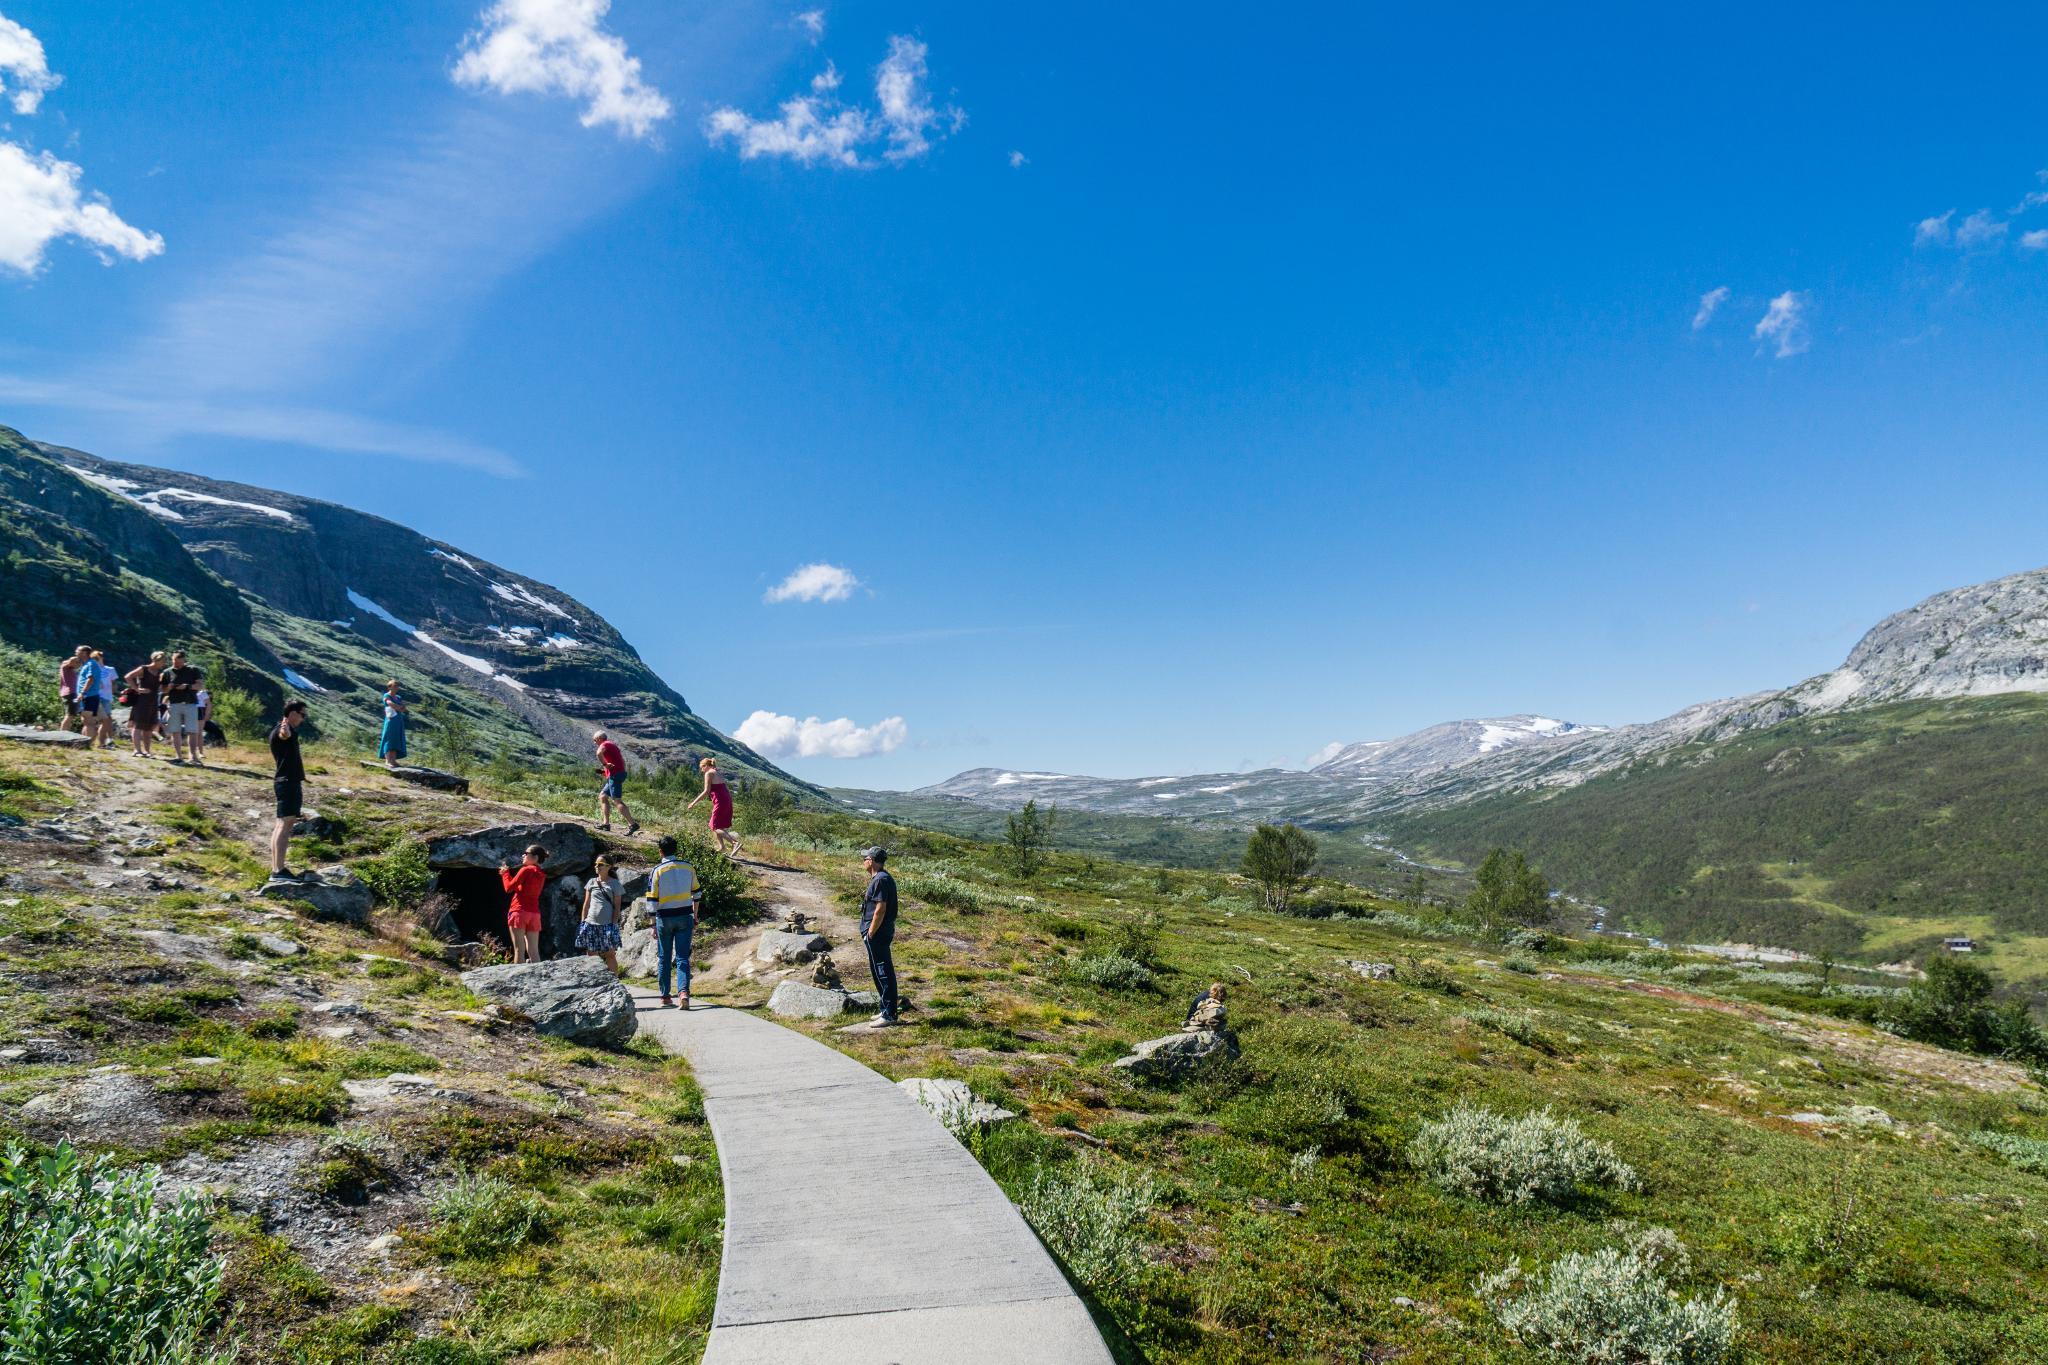 【北歐景點】世界最美景觀公路 - 俯瞰挪威松恩峽灣的 Fv243 雪之路 (Aurlandsfjellet) 12